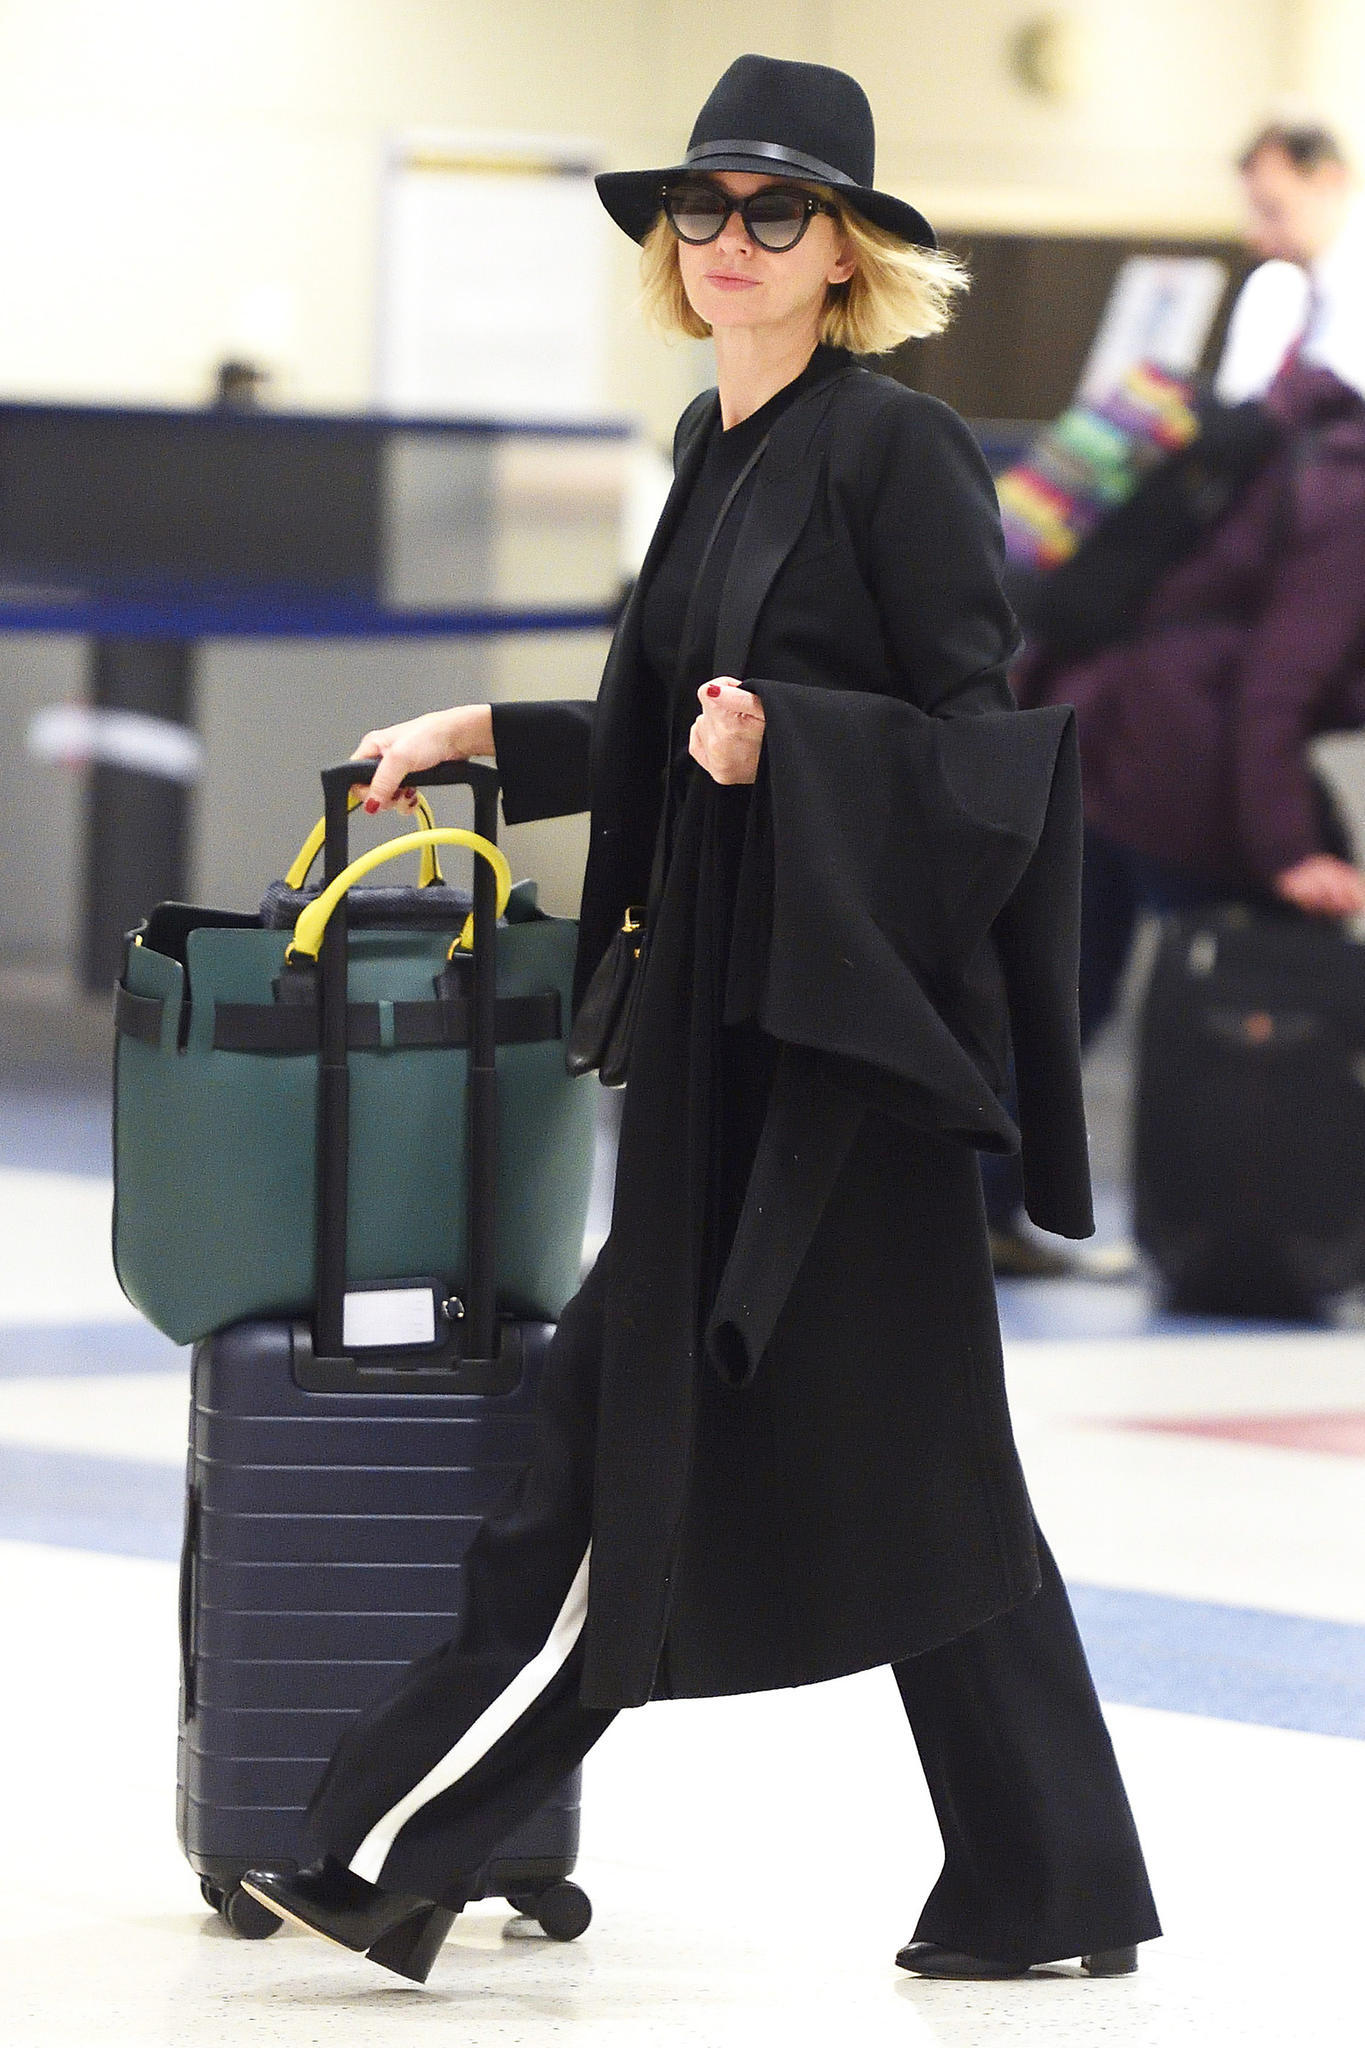 Auch mit Hut und großer Sonnenbrille kann sich Naomi Watts in diesem sportlich-eleganten Reise-Outfit nicht vor den Paparazzi am JFK-Airport in New York verstecken. Muss sie auch gar nicht, der Look steht ihr hervorragend.